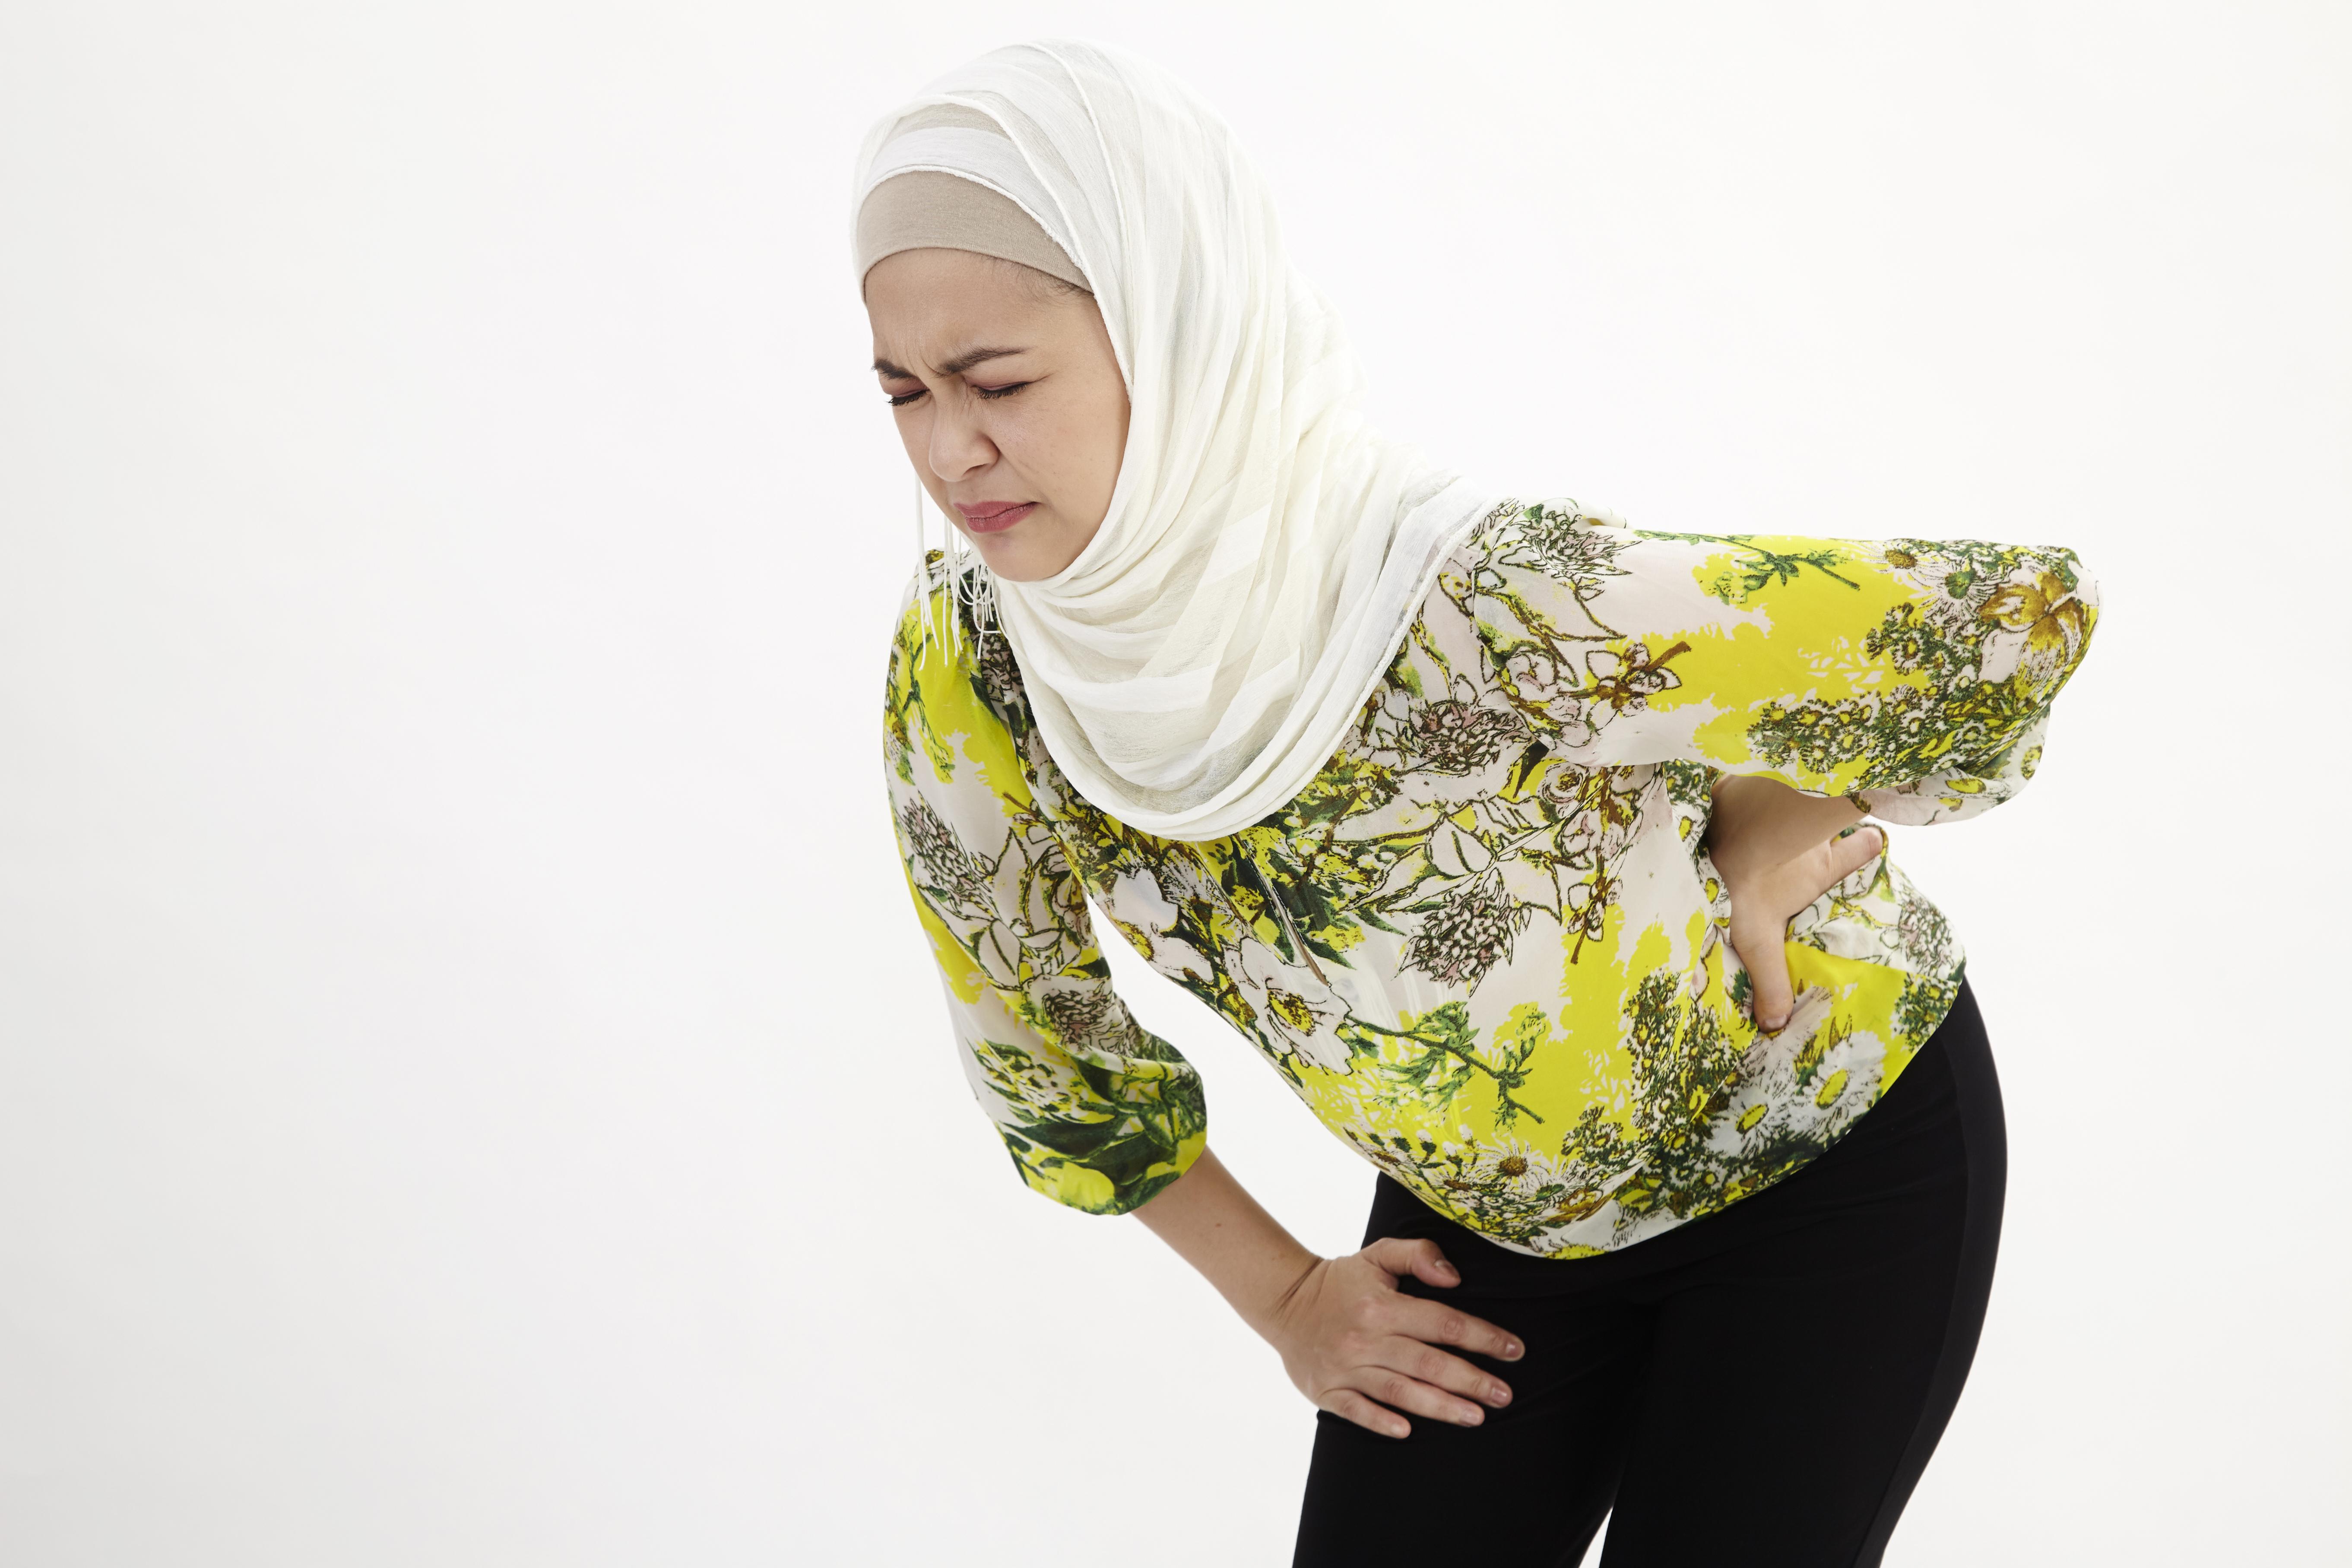 Nästan varannan kvinna har värk i kroppen varje vecka visar Novus-undersökningen.